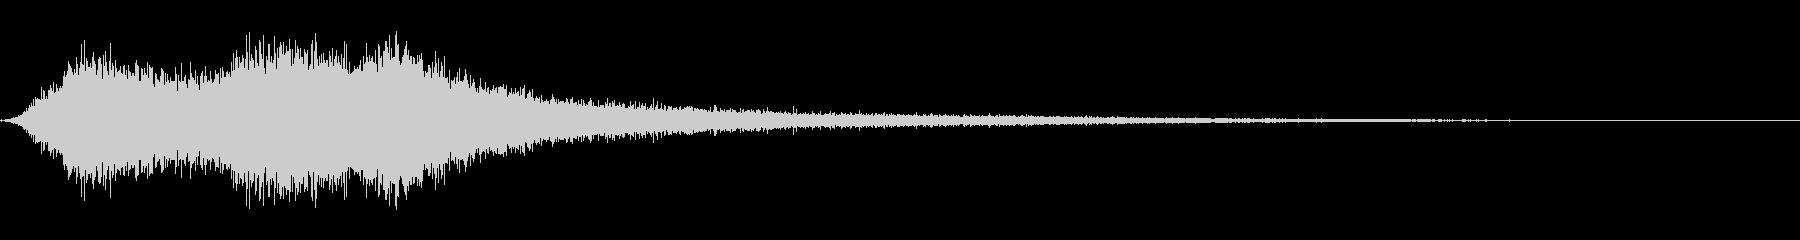 エイリアン2テイクオフの未再生の波形